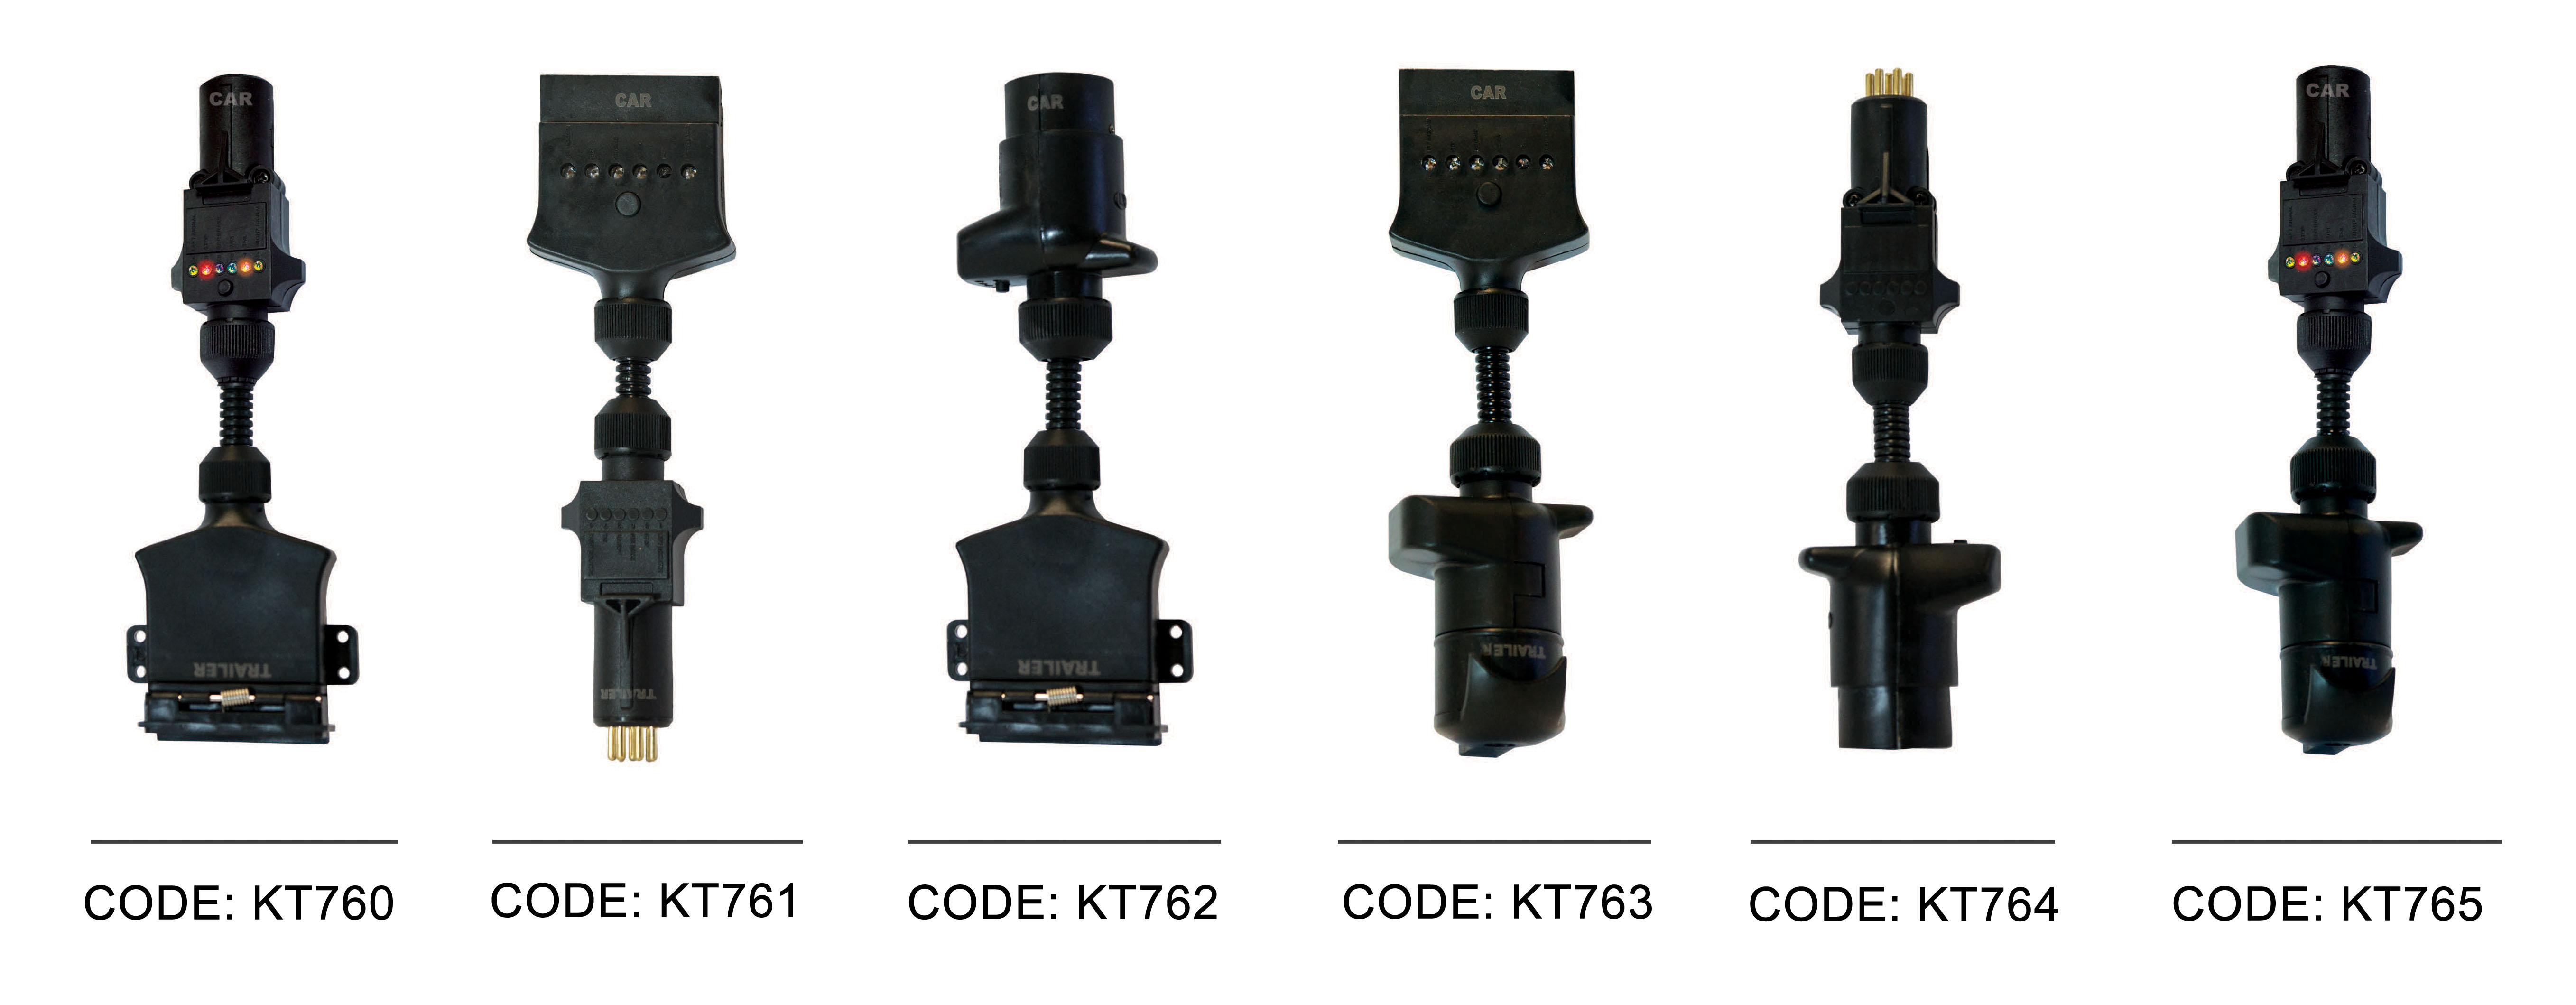 KT LED Adaptors Range